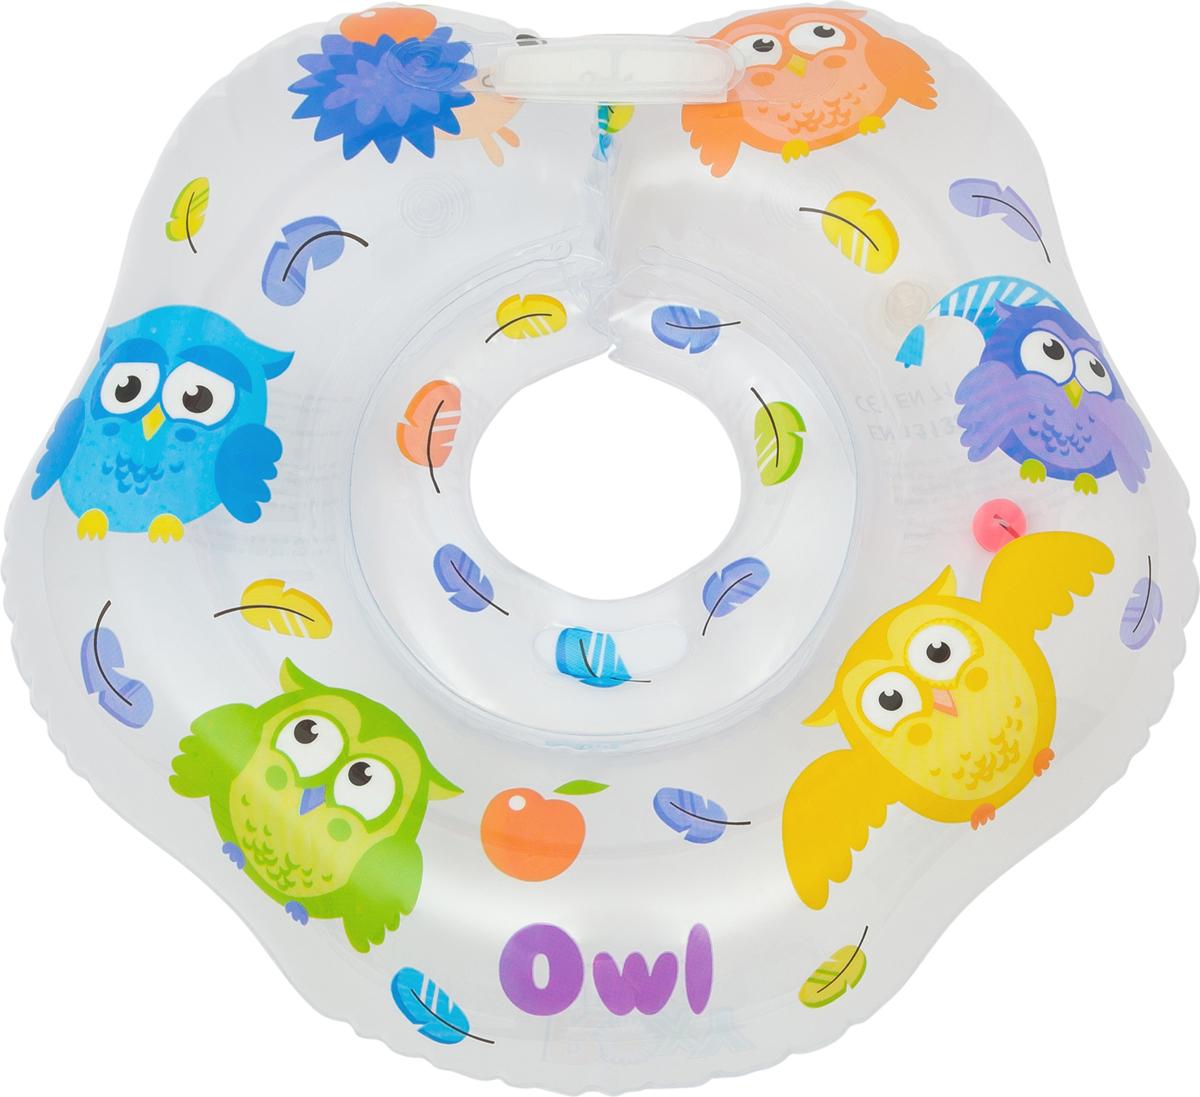 Roxy-kids Круг для купания Owl roxy kids круг музыкальный на шею для купания flipper цвет розовый